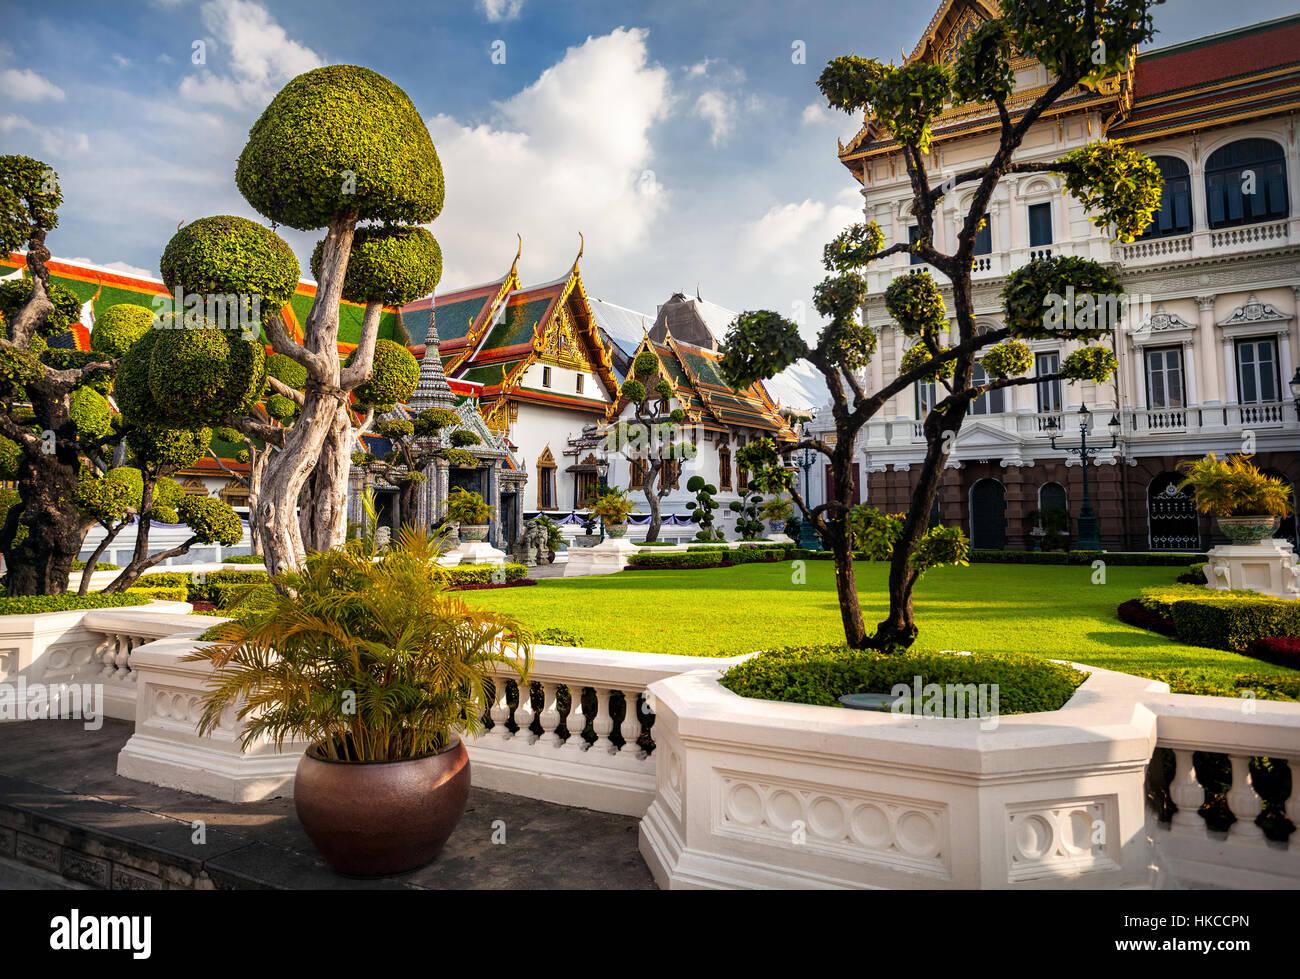 Le Grand Palais avec jardin topiaire en journée ensoleillée à Bangkok, Thaïlande Photo Stock